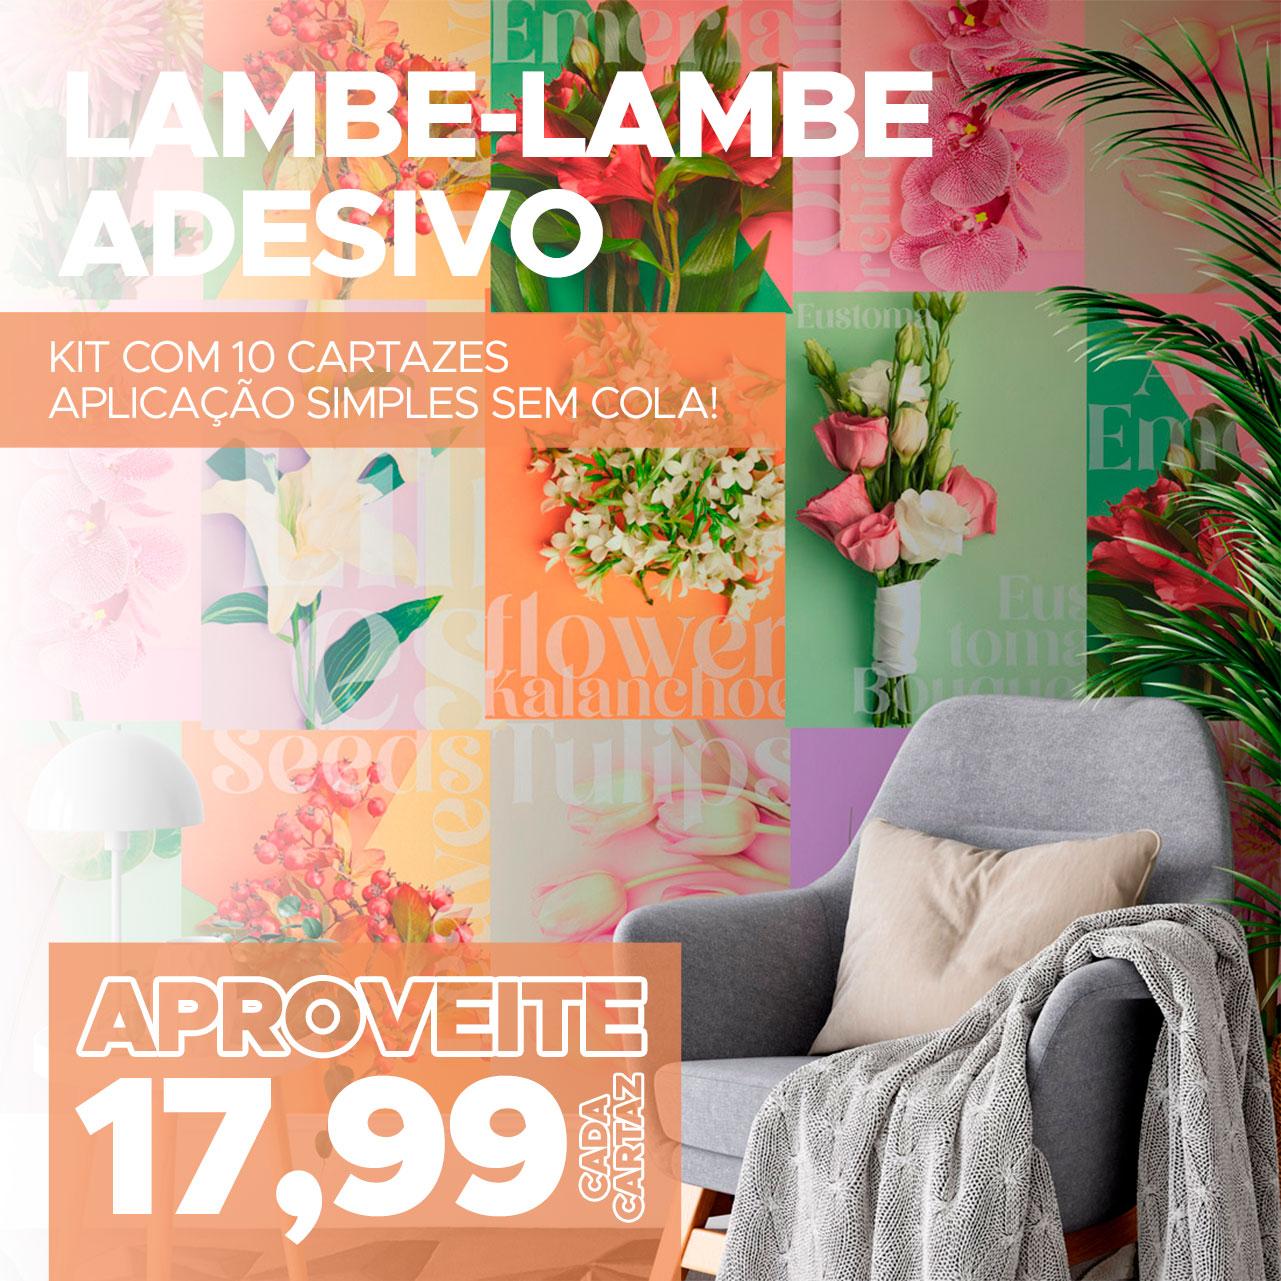 Lambe Lambe Adesivo